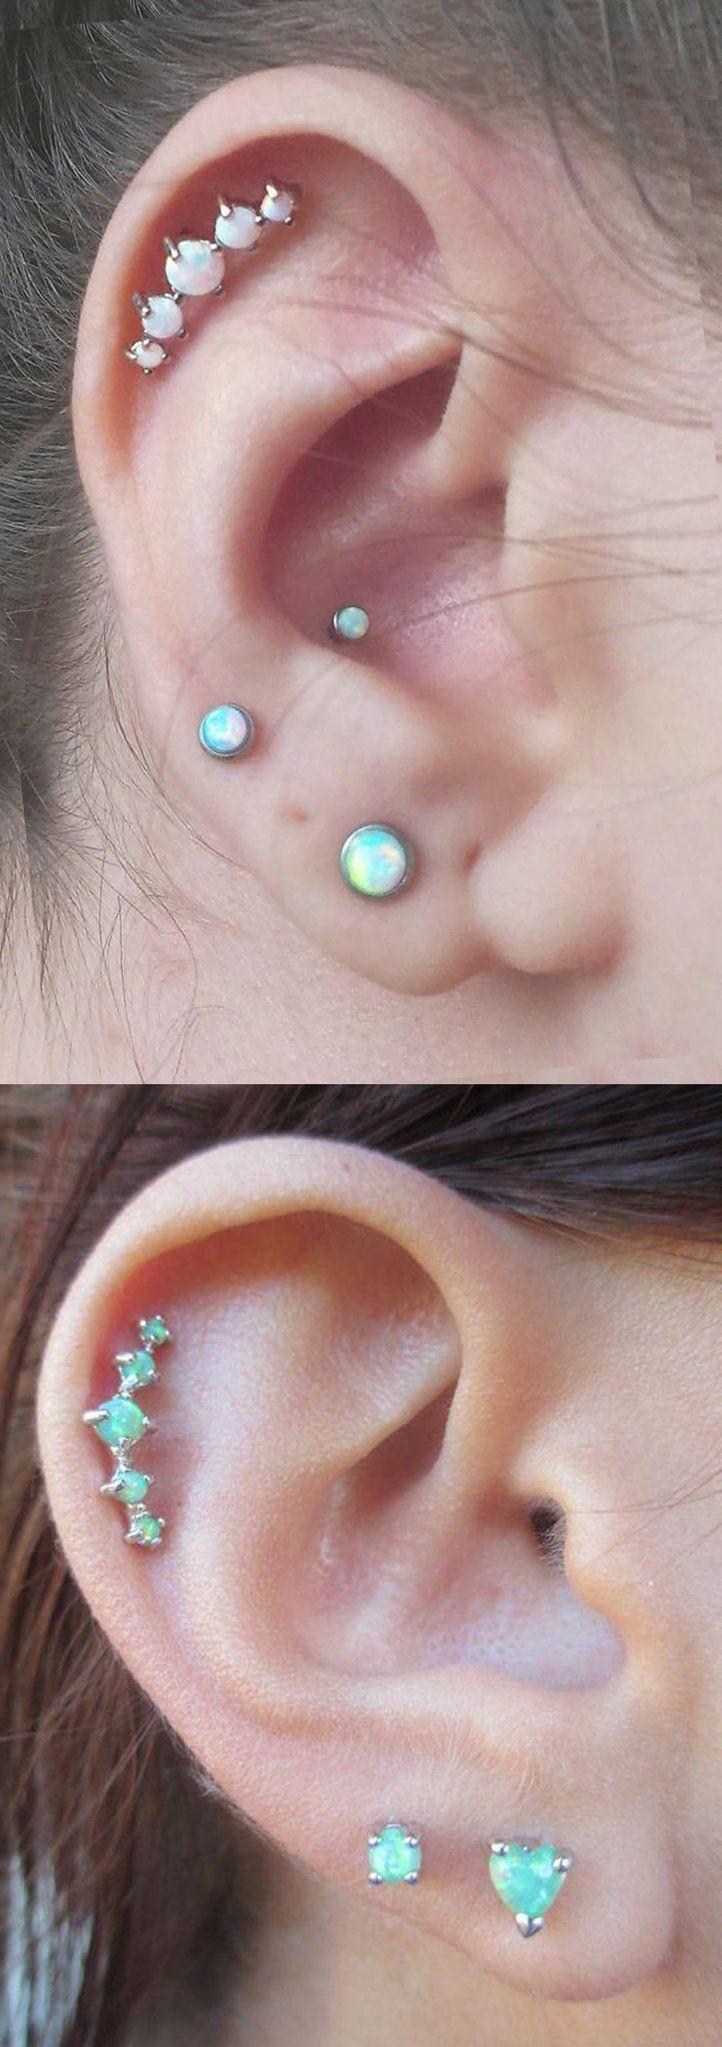 Idées uniques de piercing à plusieurs oreilles - 5 boucles d'oreilles en cartilage de pie ...